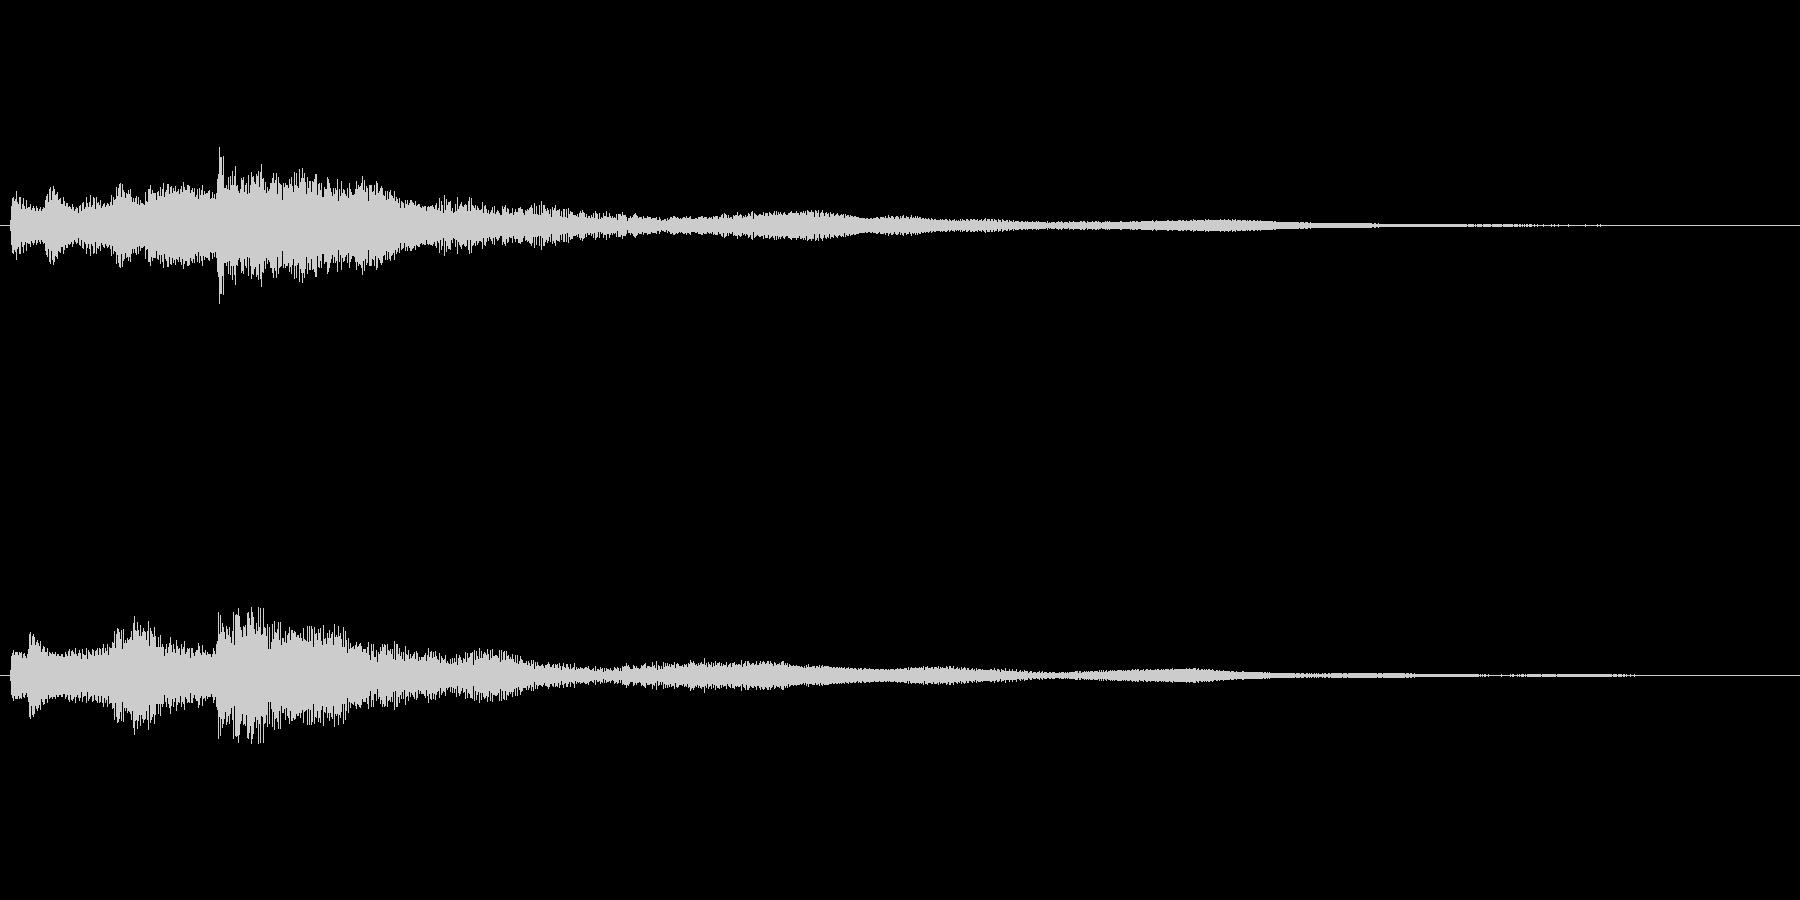 まろやかな音色のギターサウンドロゴの未再生の波形